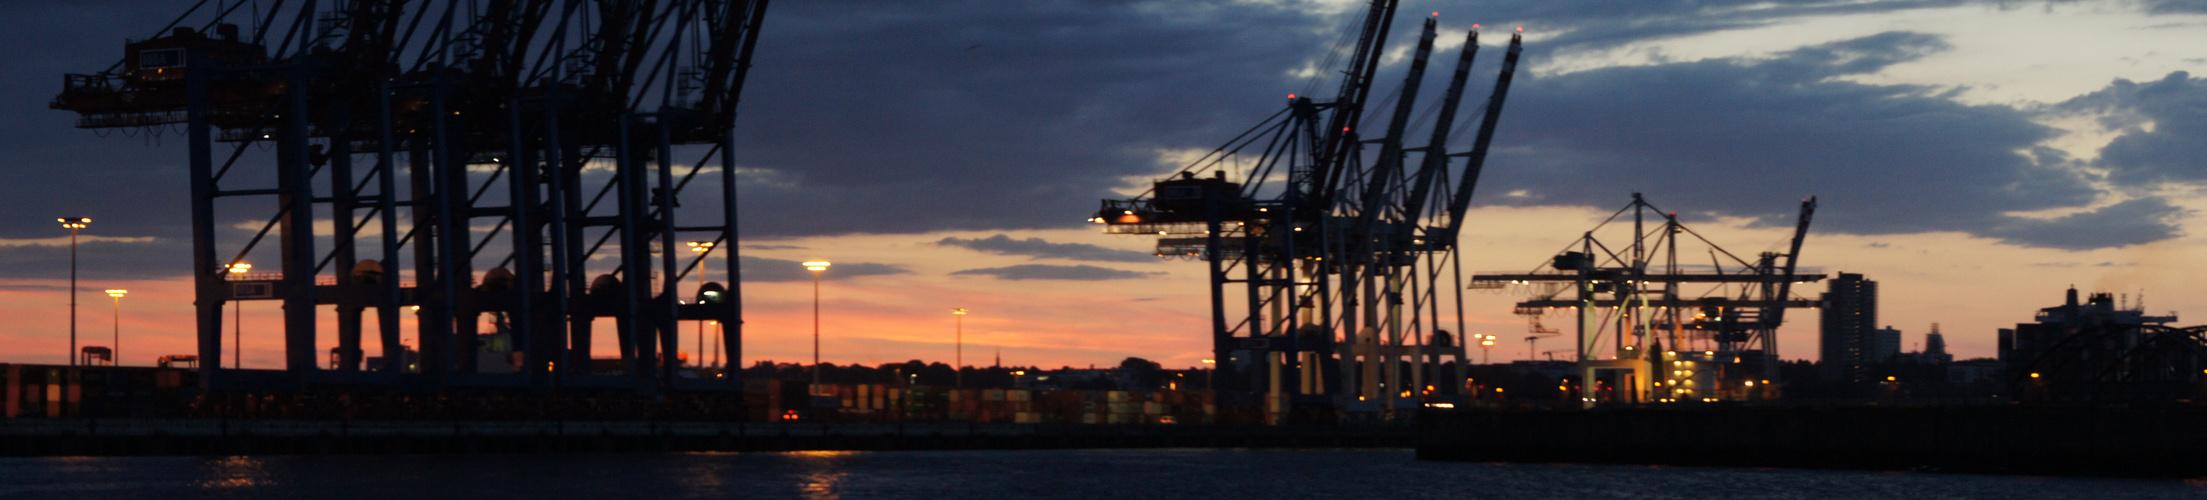 Hansestadt Hamburg, Hafen-City, Hafenrundfahrt bei Nacht,